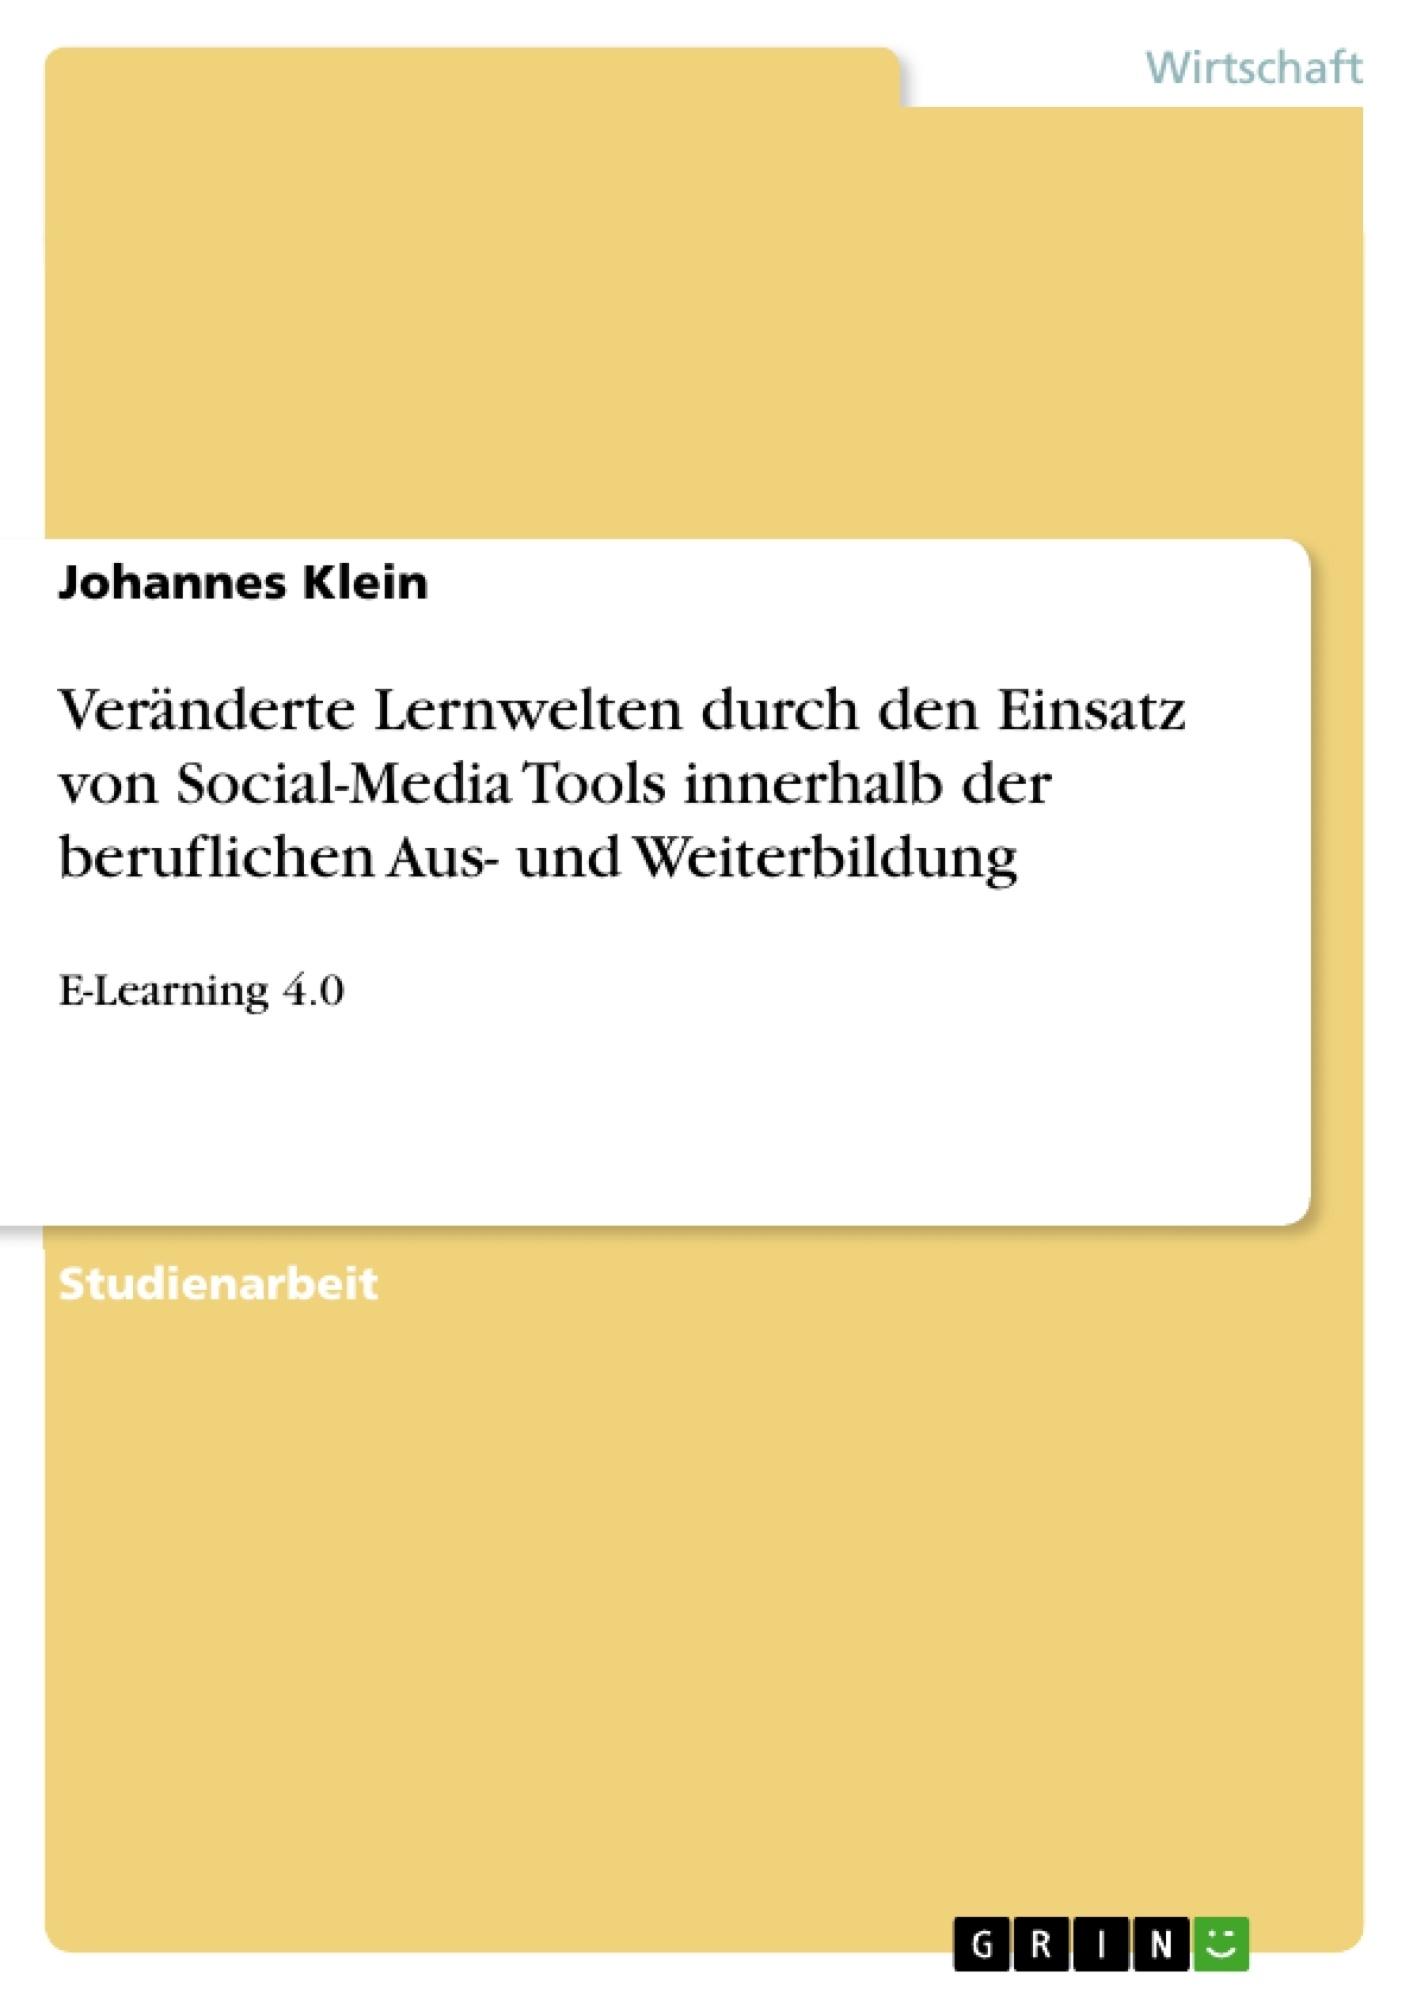 Titel: Veränderte Lernwelten durch den Einsatz von Social-Media Tools innerhalb der beruflichen Aus- und Weiterbildung